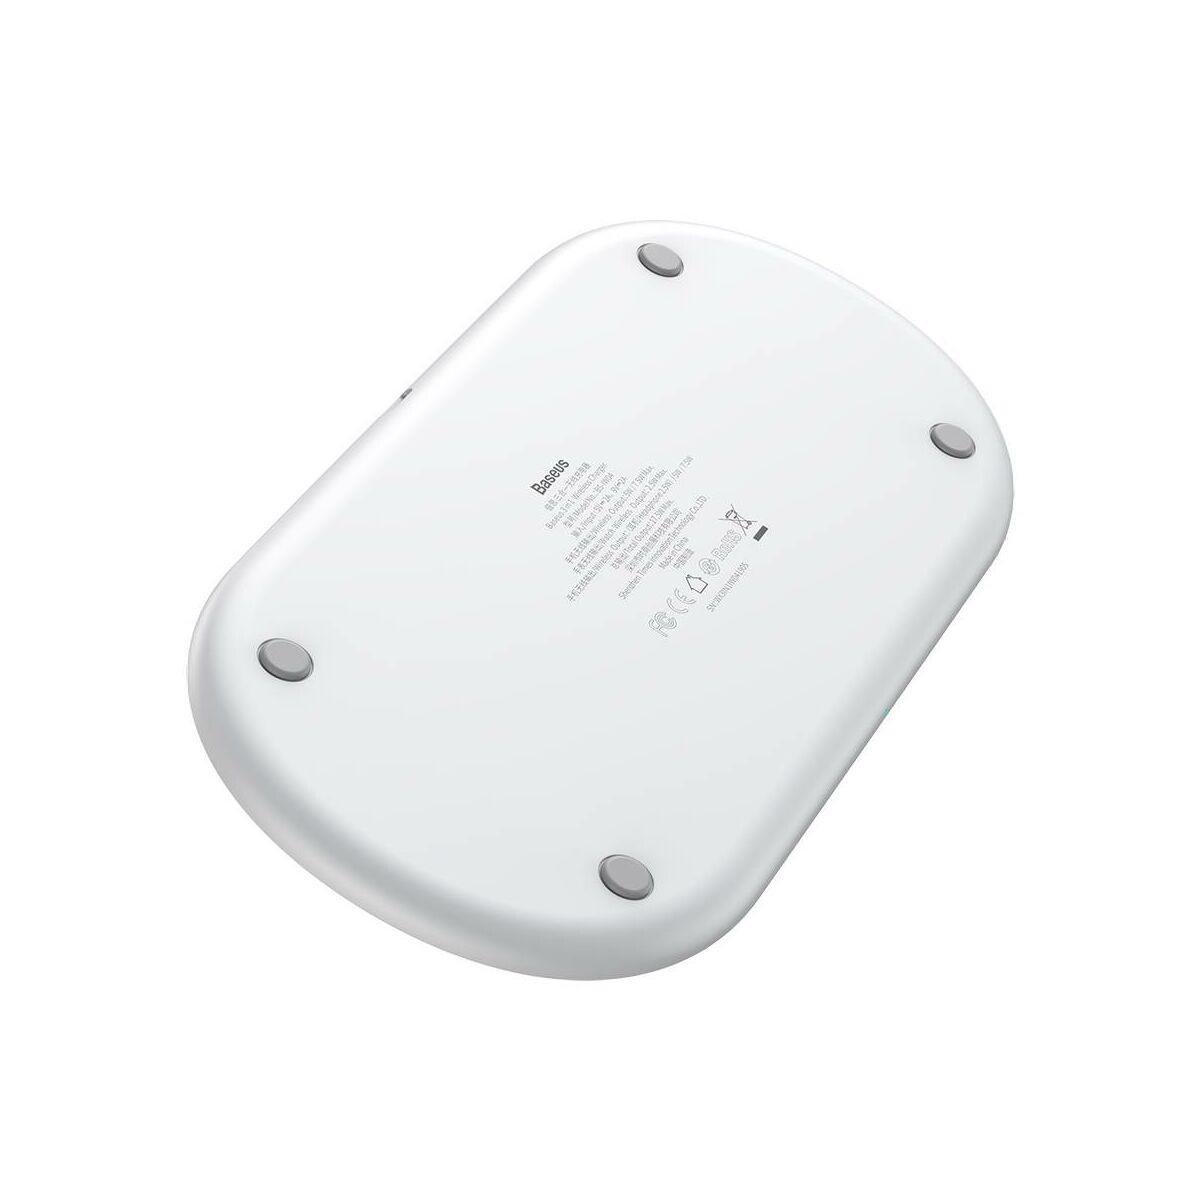 Baseus vezetéknelküli okos töltő 3-in-1, okostelefon, Apple Watch és iPod 18W, fehér (WX3IN1-C02)